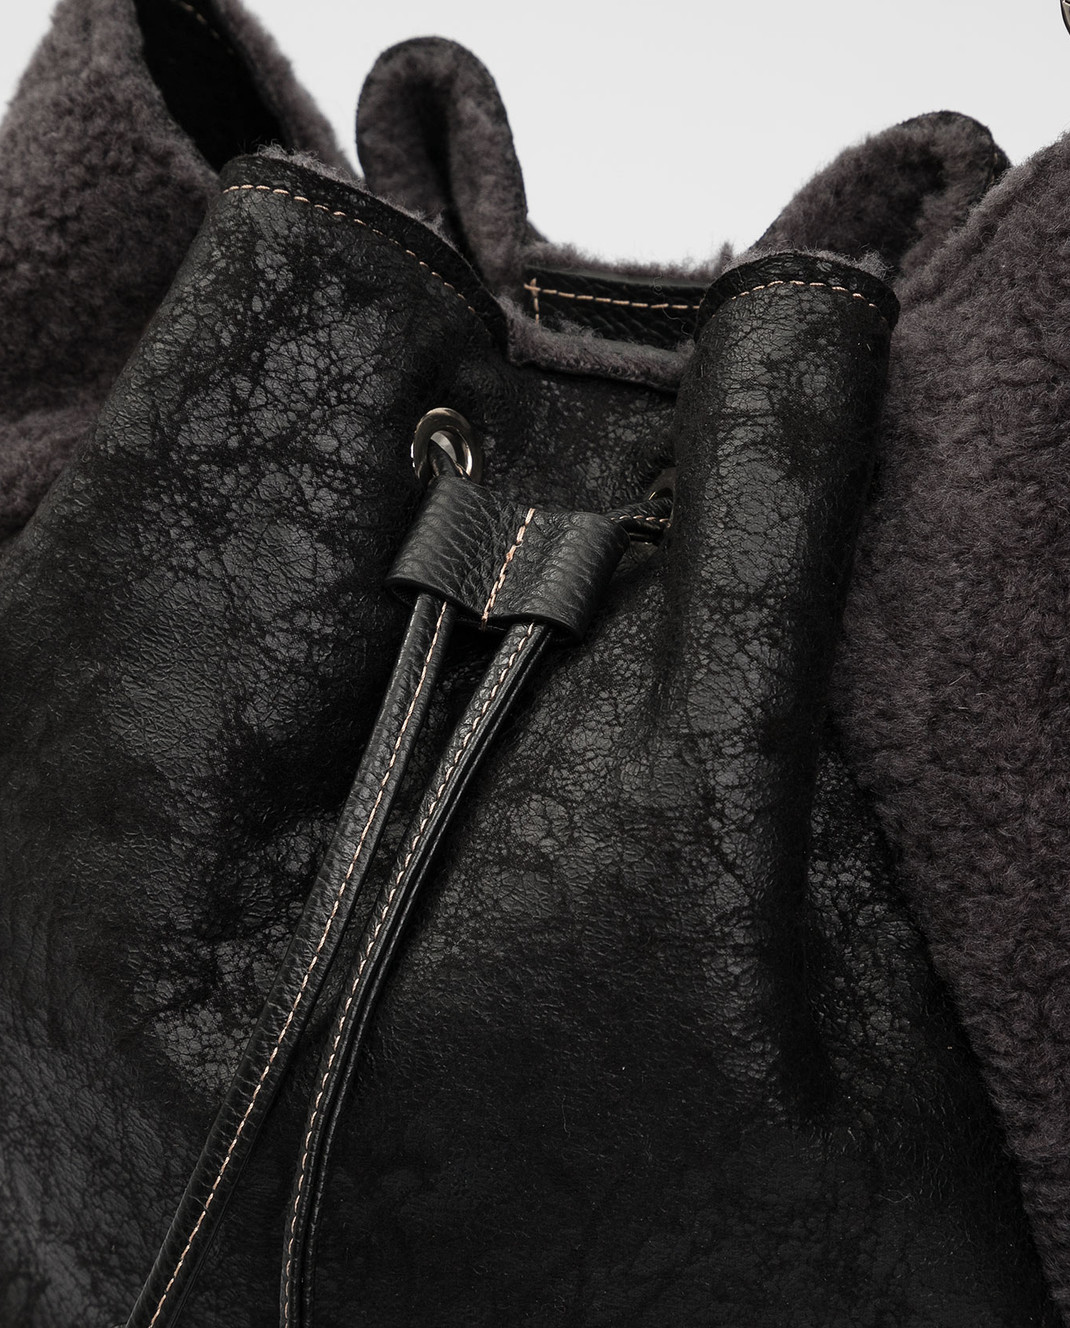 Gianni Notaro Черная сумка из кожи и меха 309 изображение 4